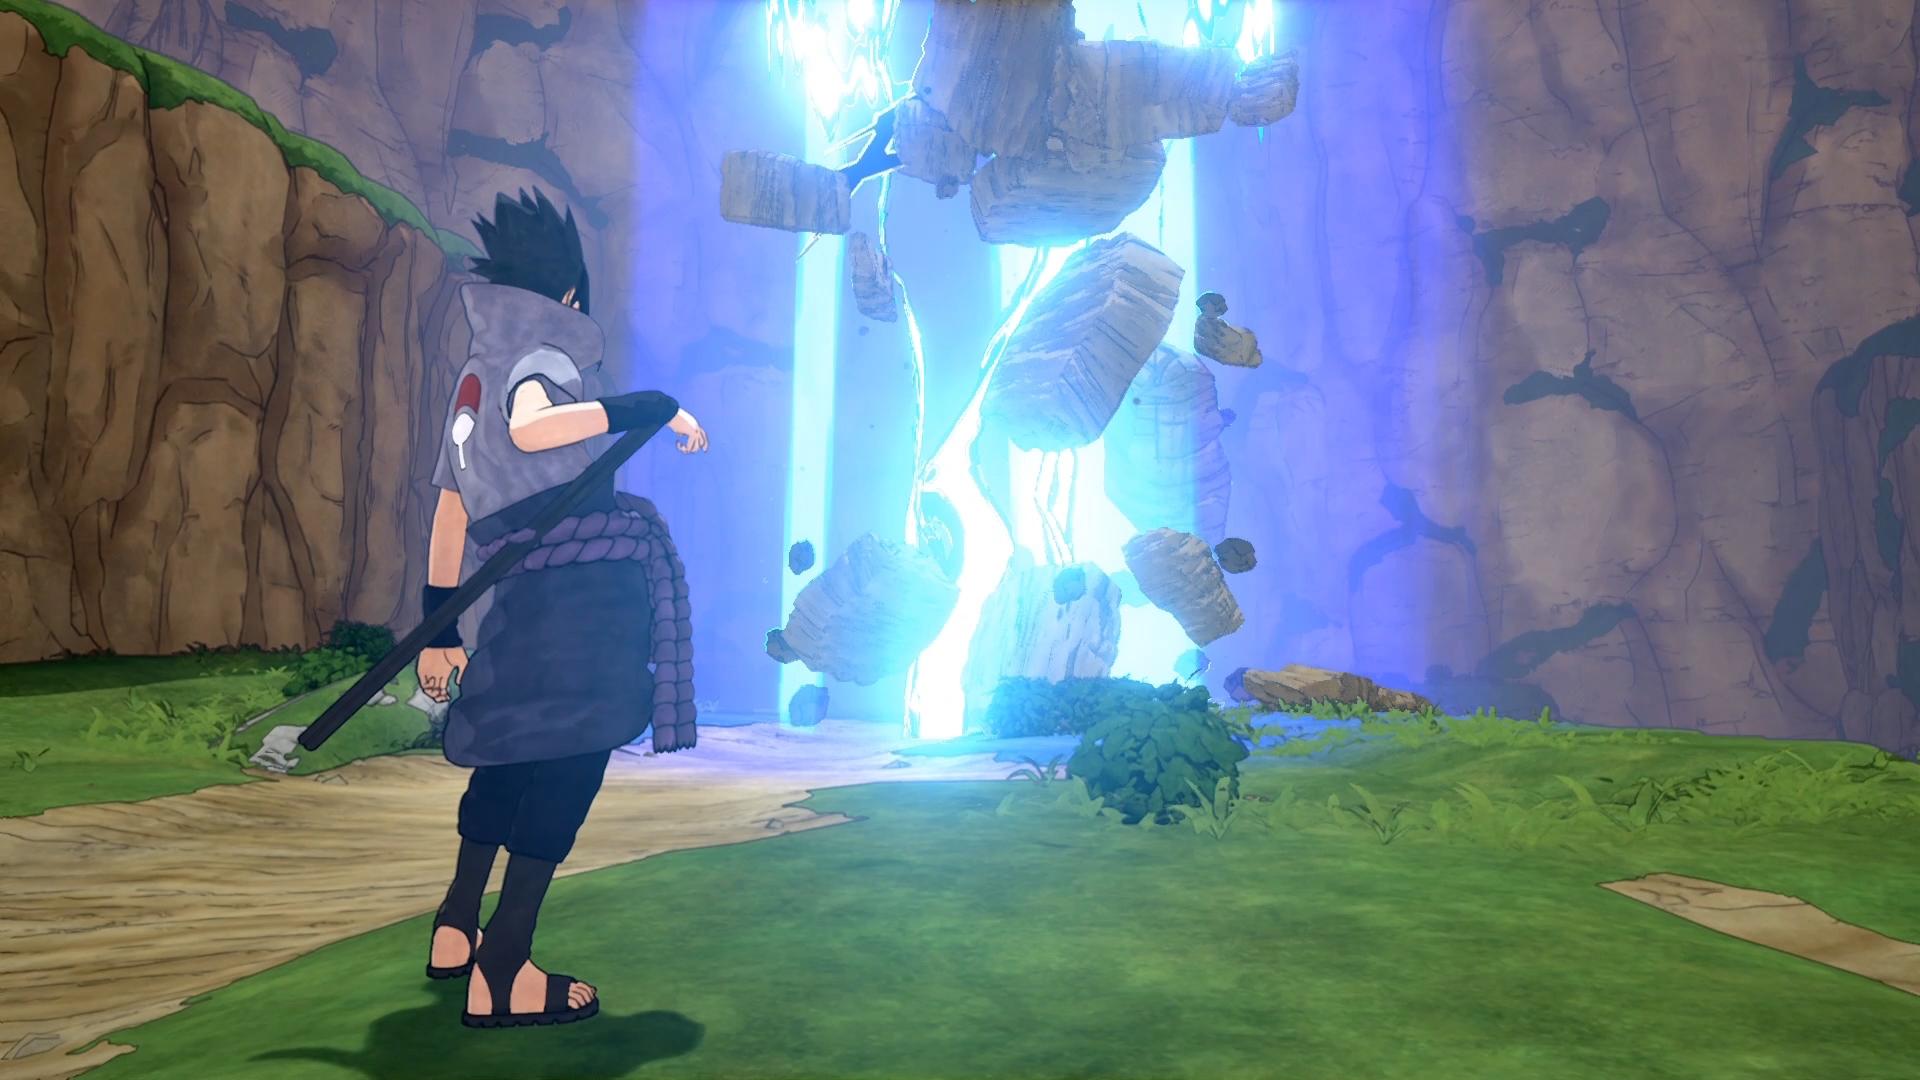 معرفی دو شخصیت Rock Lee و Hinata برای عنوان Naruto to Boruto: Shinobi Striker